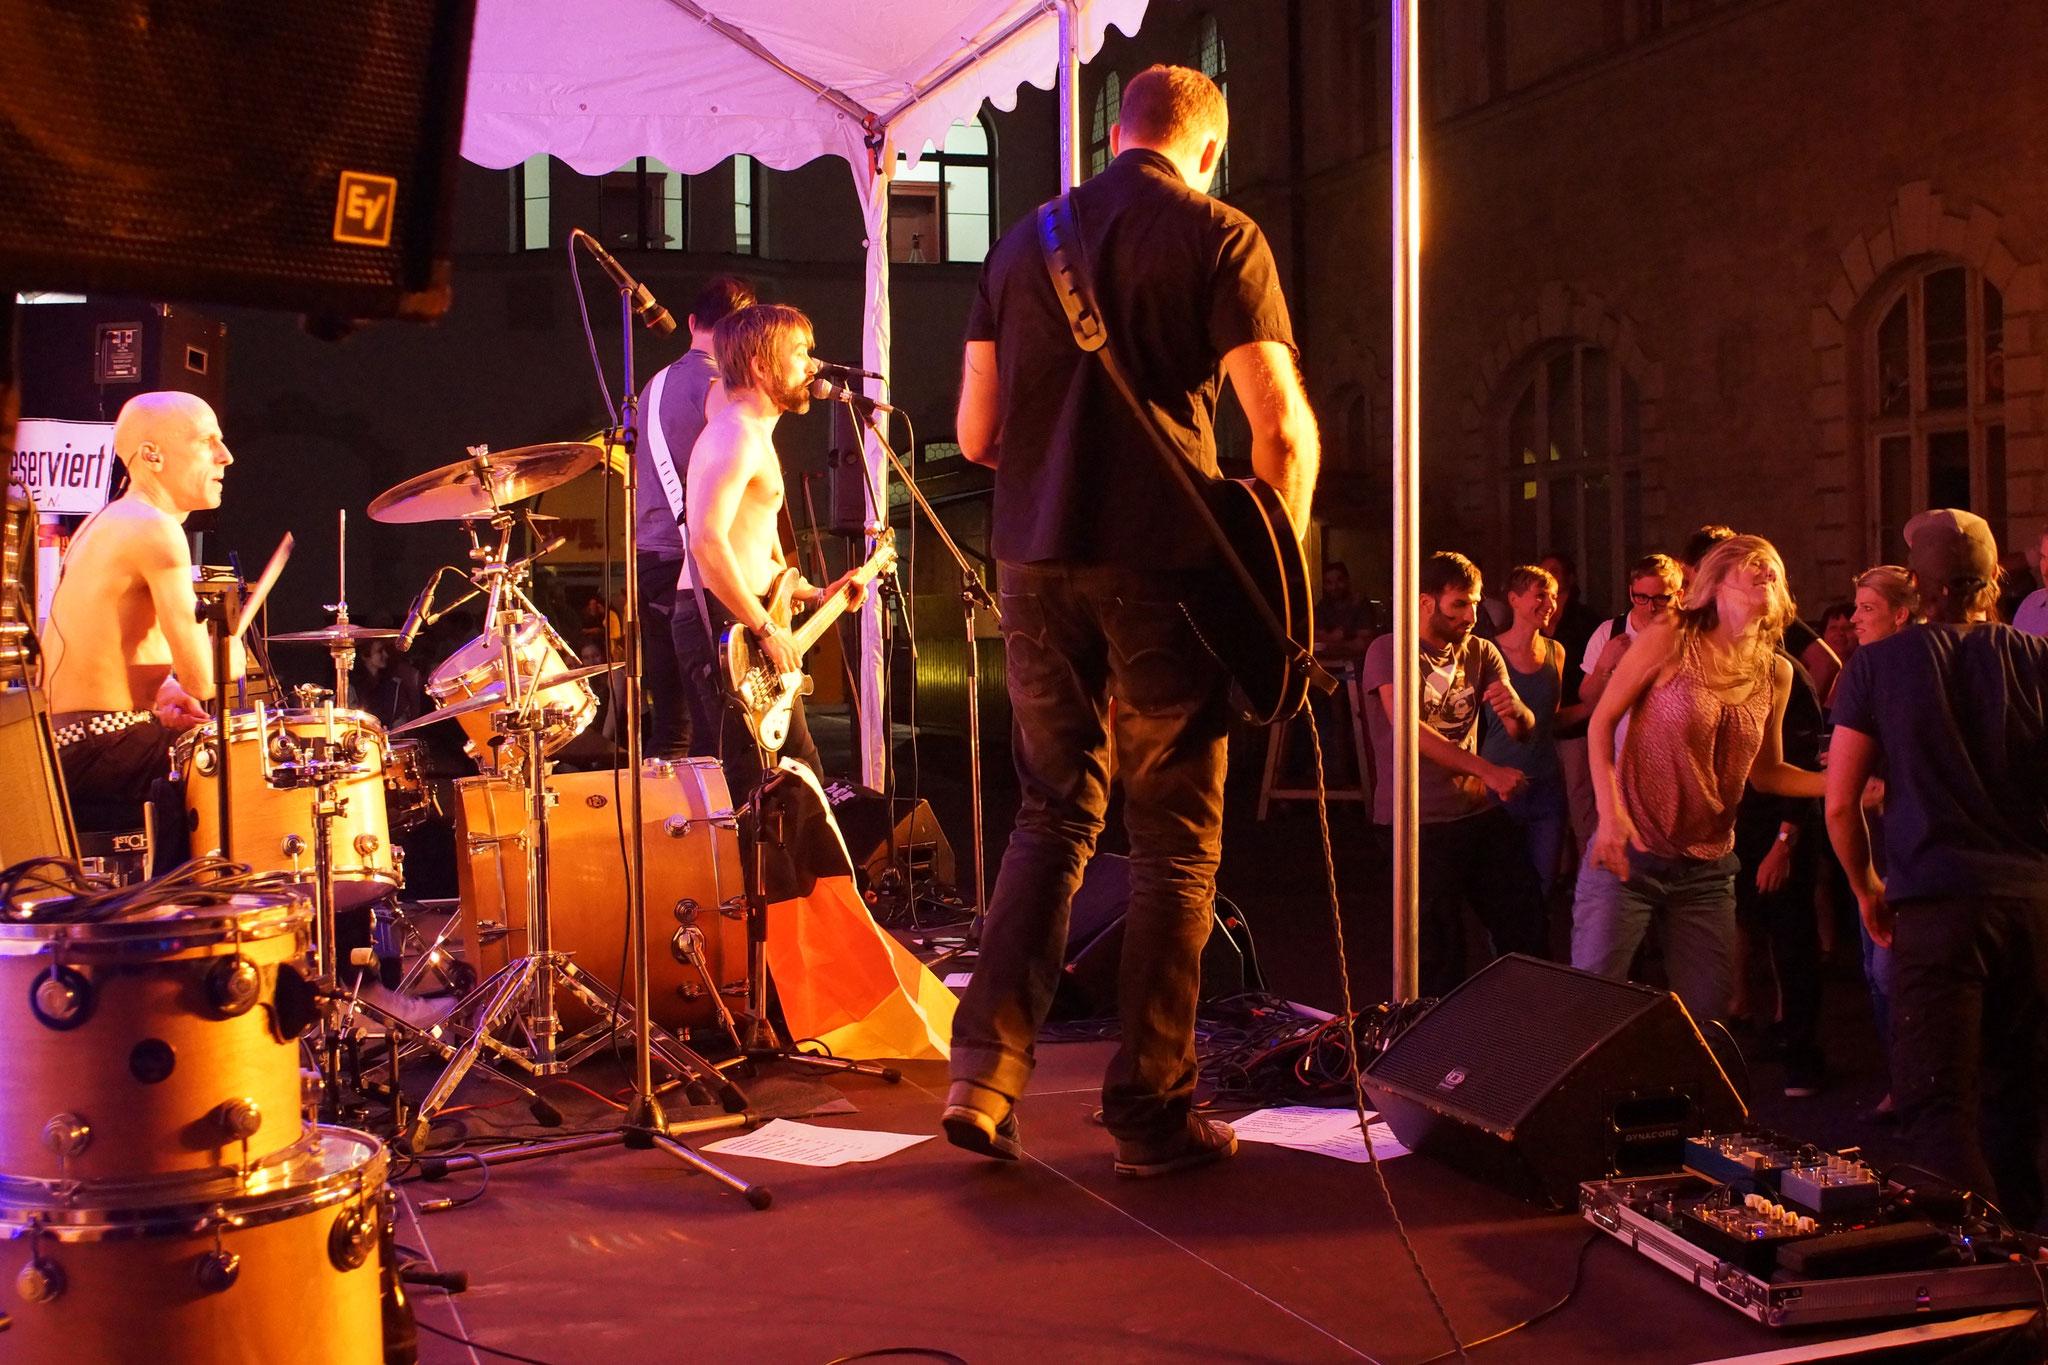 Konzerte im Bürgerhof 07.07.16 Hörstreich - Freiwilligen-Zentrum Augsburg - Foto: Crayfish